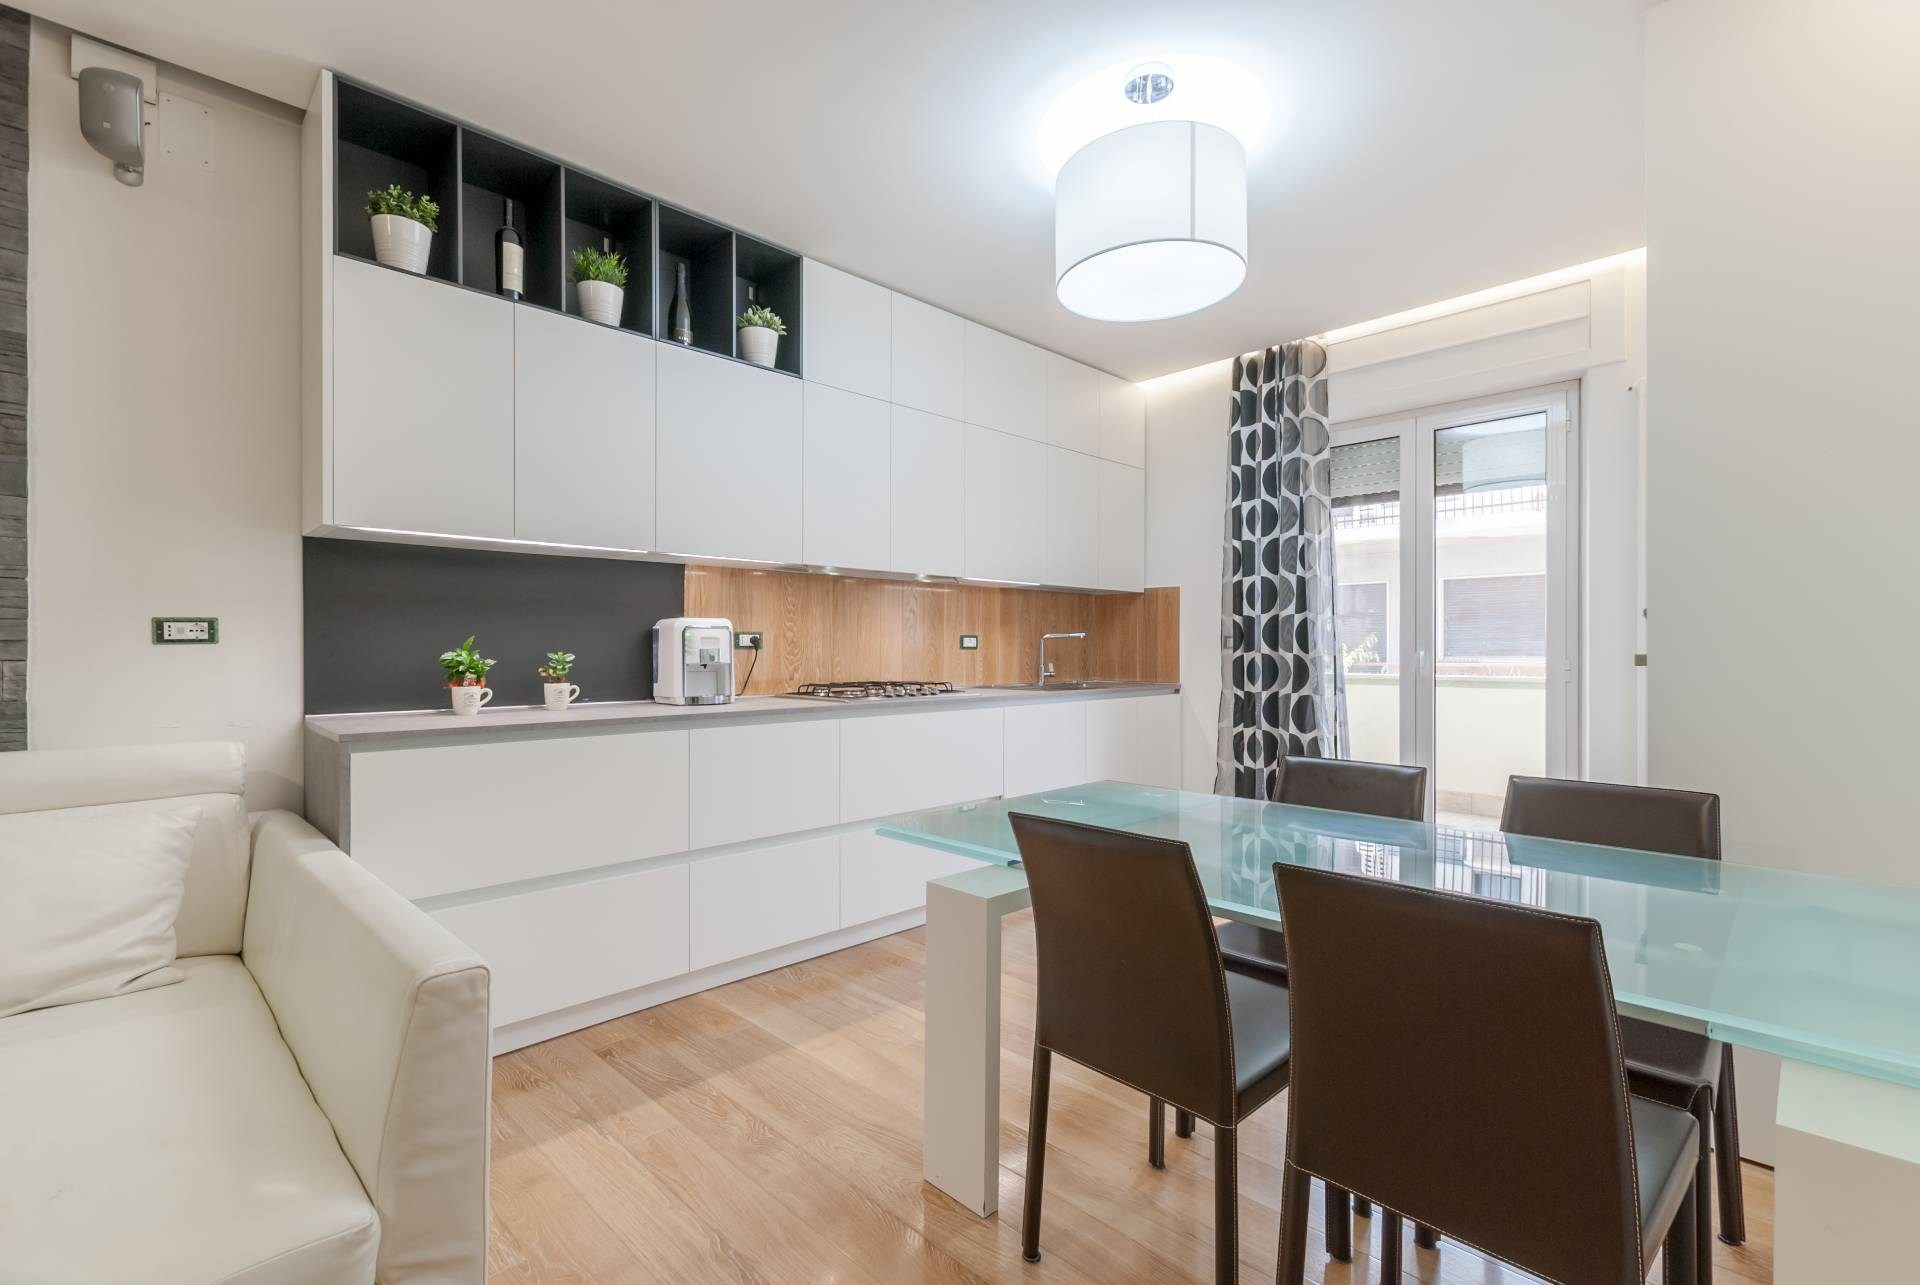 Appartamento in vendita a Torrevecchia Teatina, 5 locali, prezzo € 180.000 | CambioCasa.it